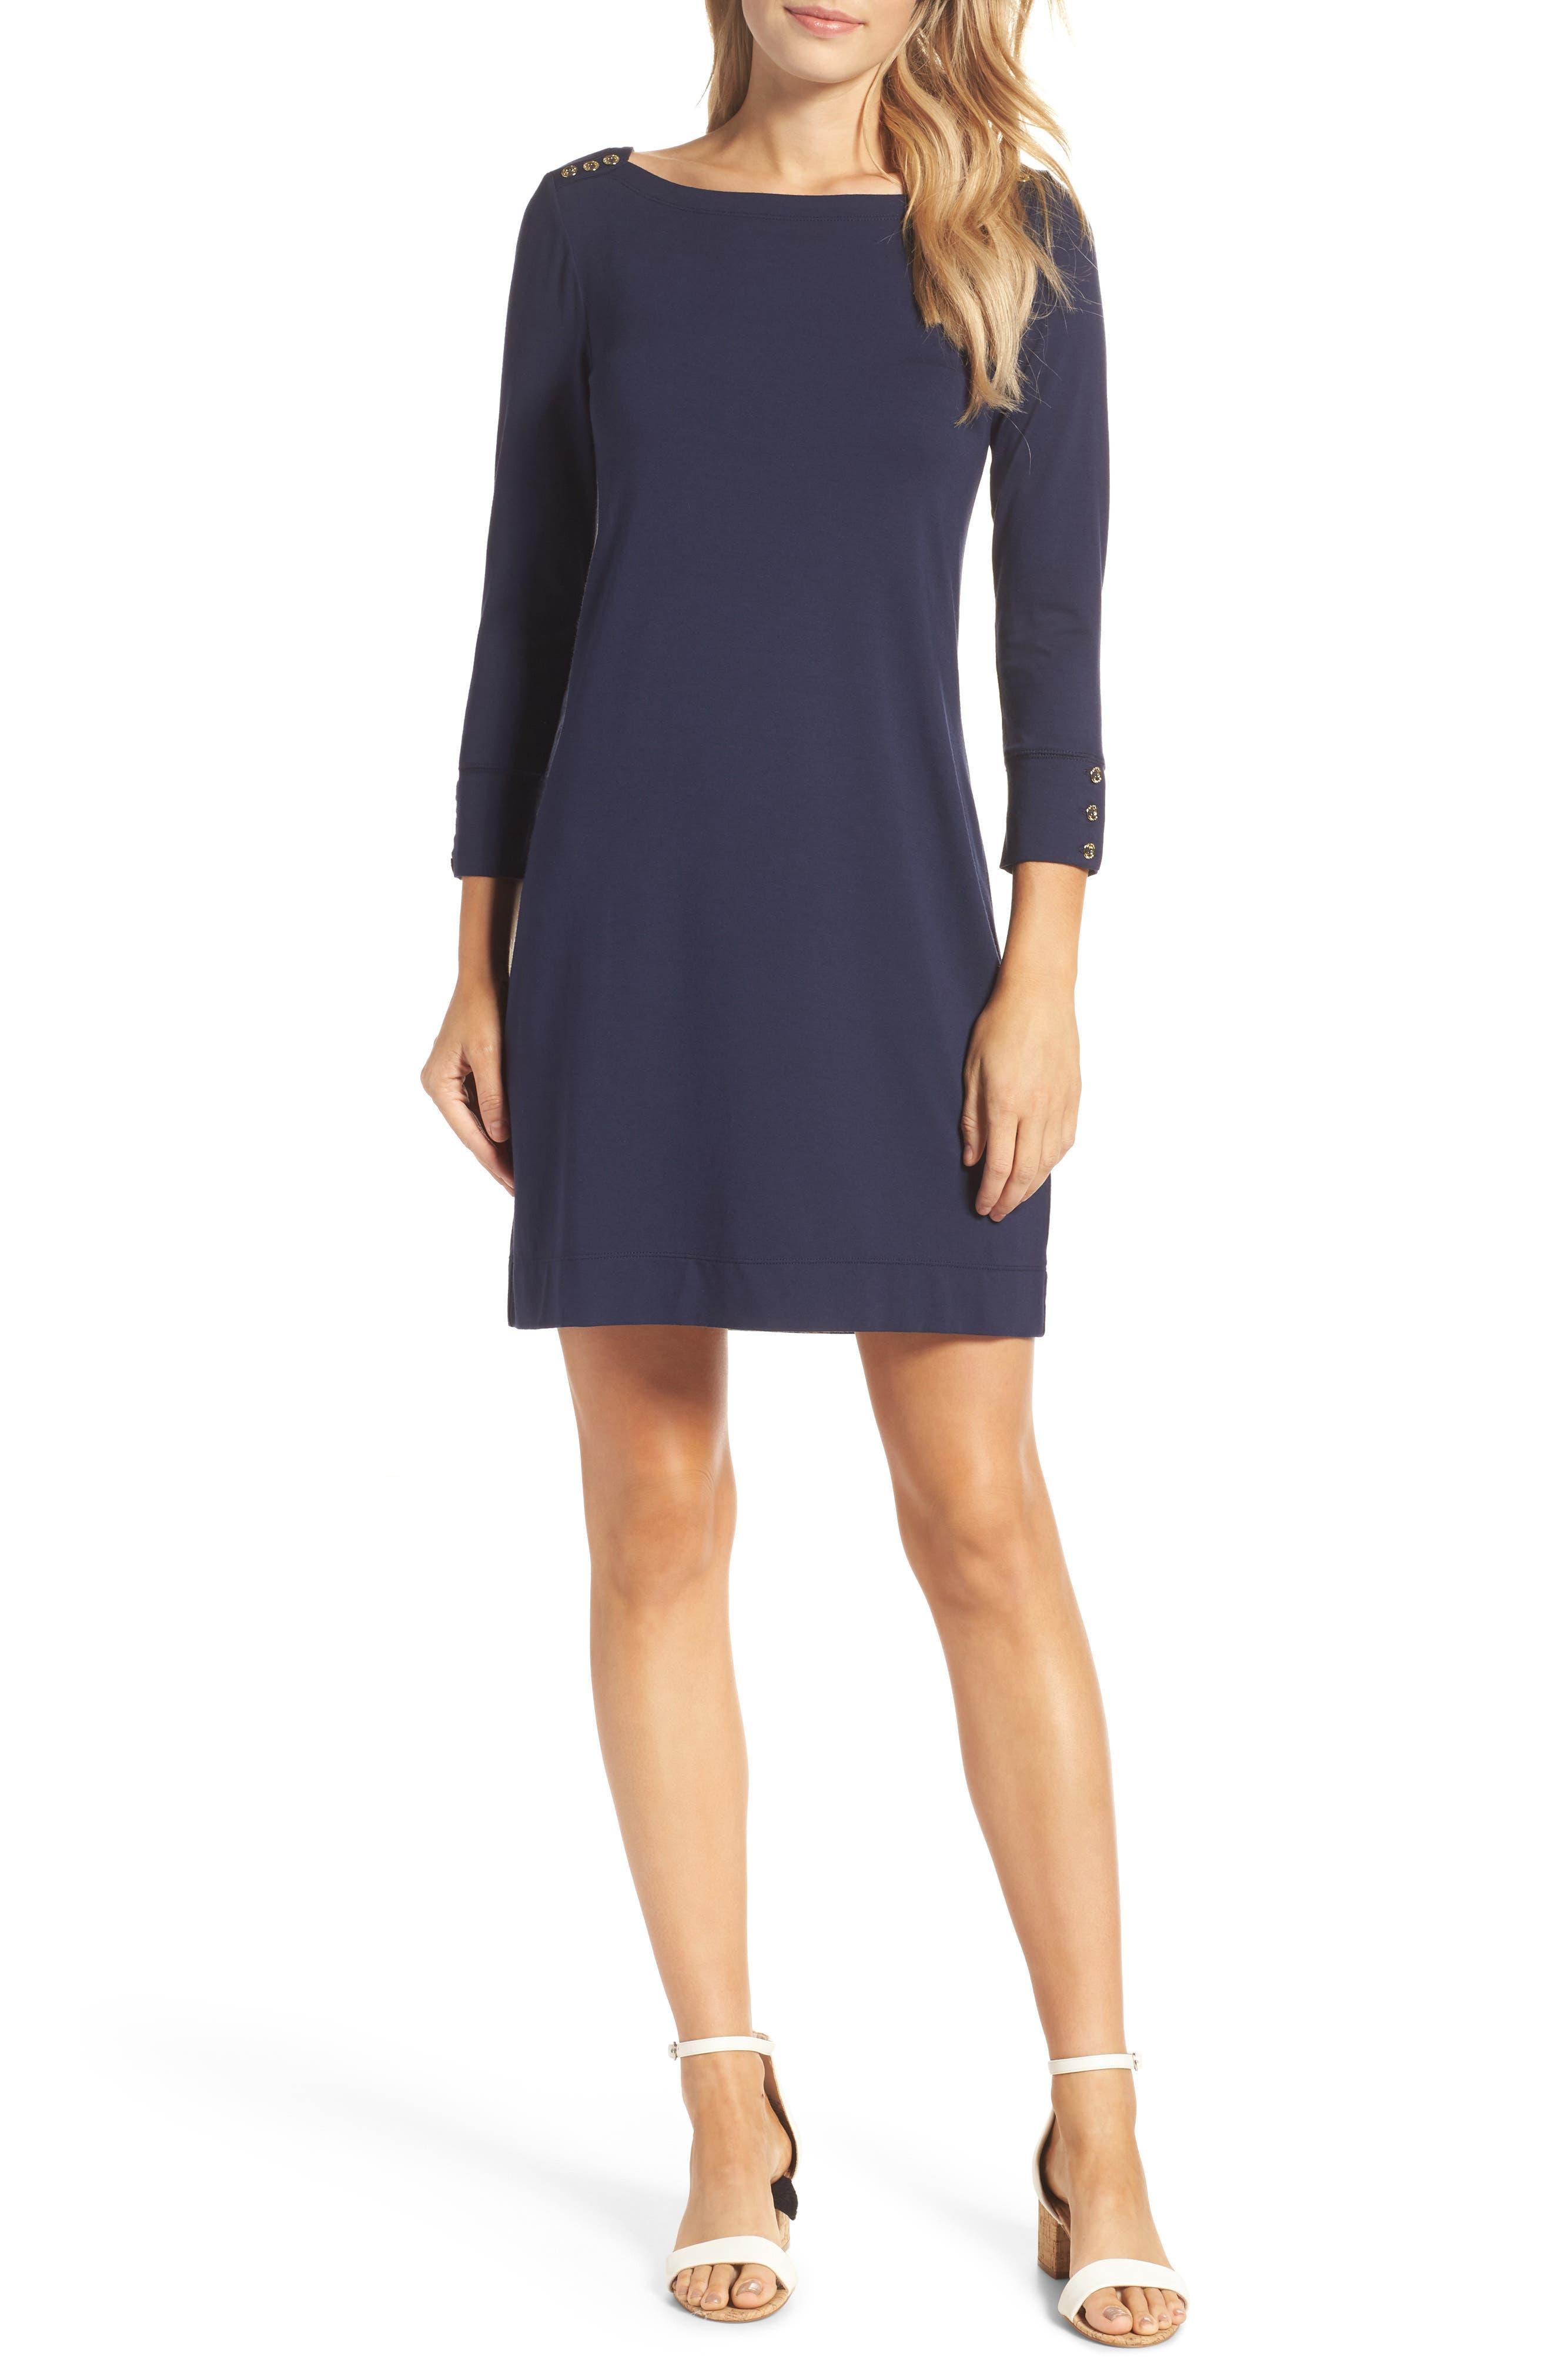 Sophie UPF 50+ Dress,                         Main,                         color, True Navy